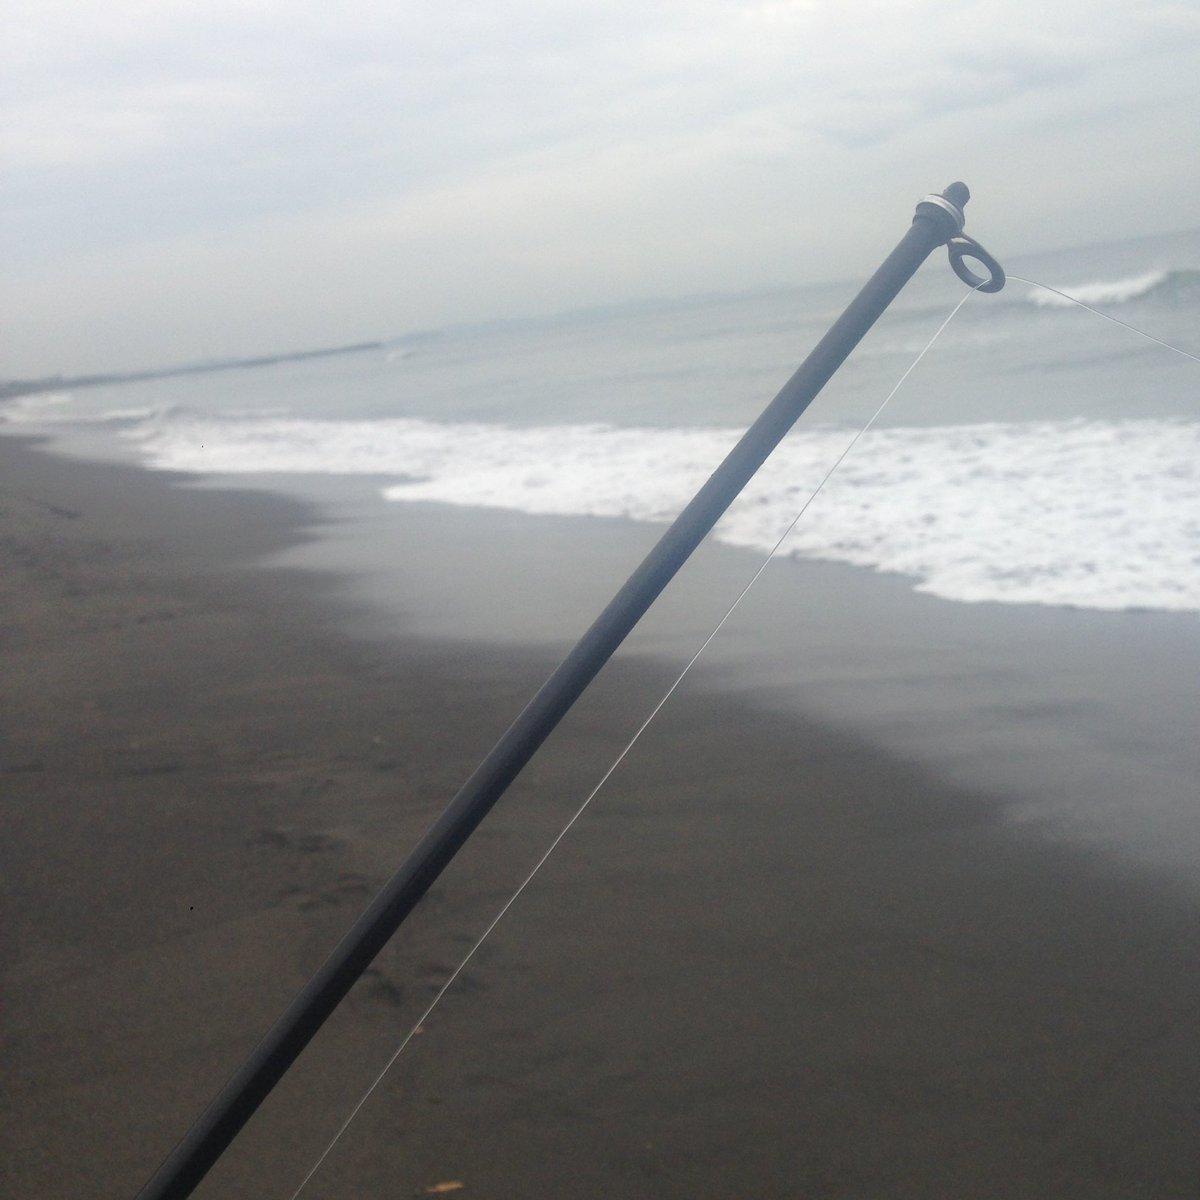 11時10分。   雨、あれからしばらく降ってない。虹ケ浜のほうはサーファーの数、大分減ったみたい。  #平塚海岸 https://t.co/ADCL4TgLu9